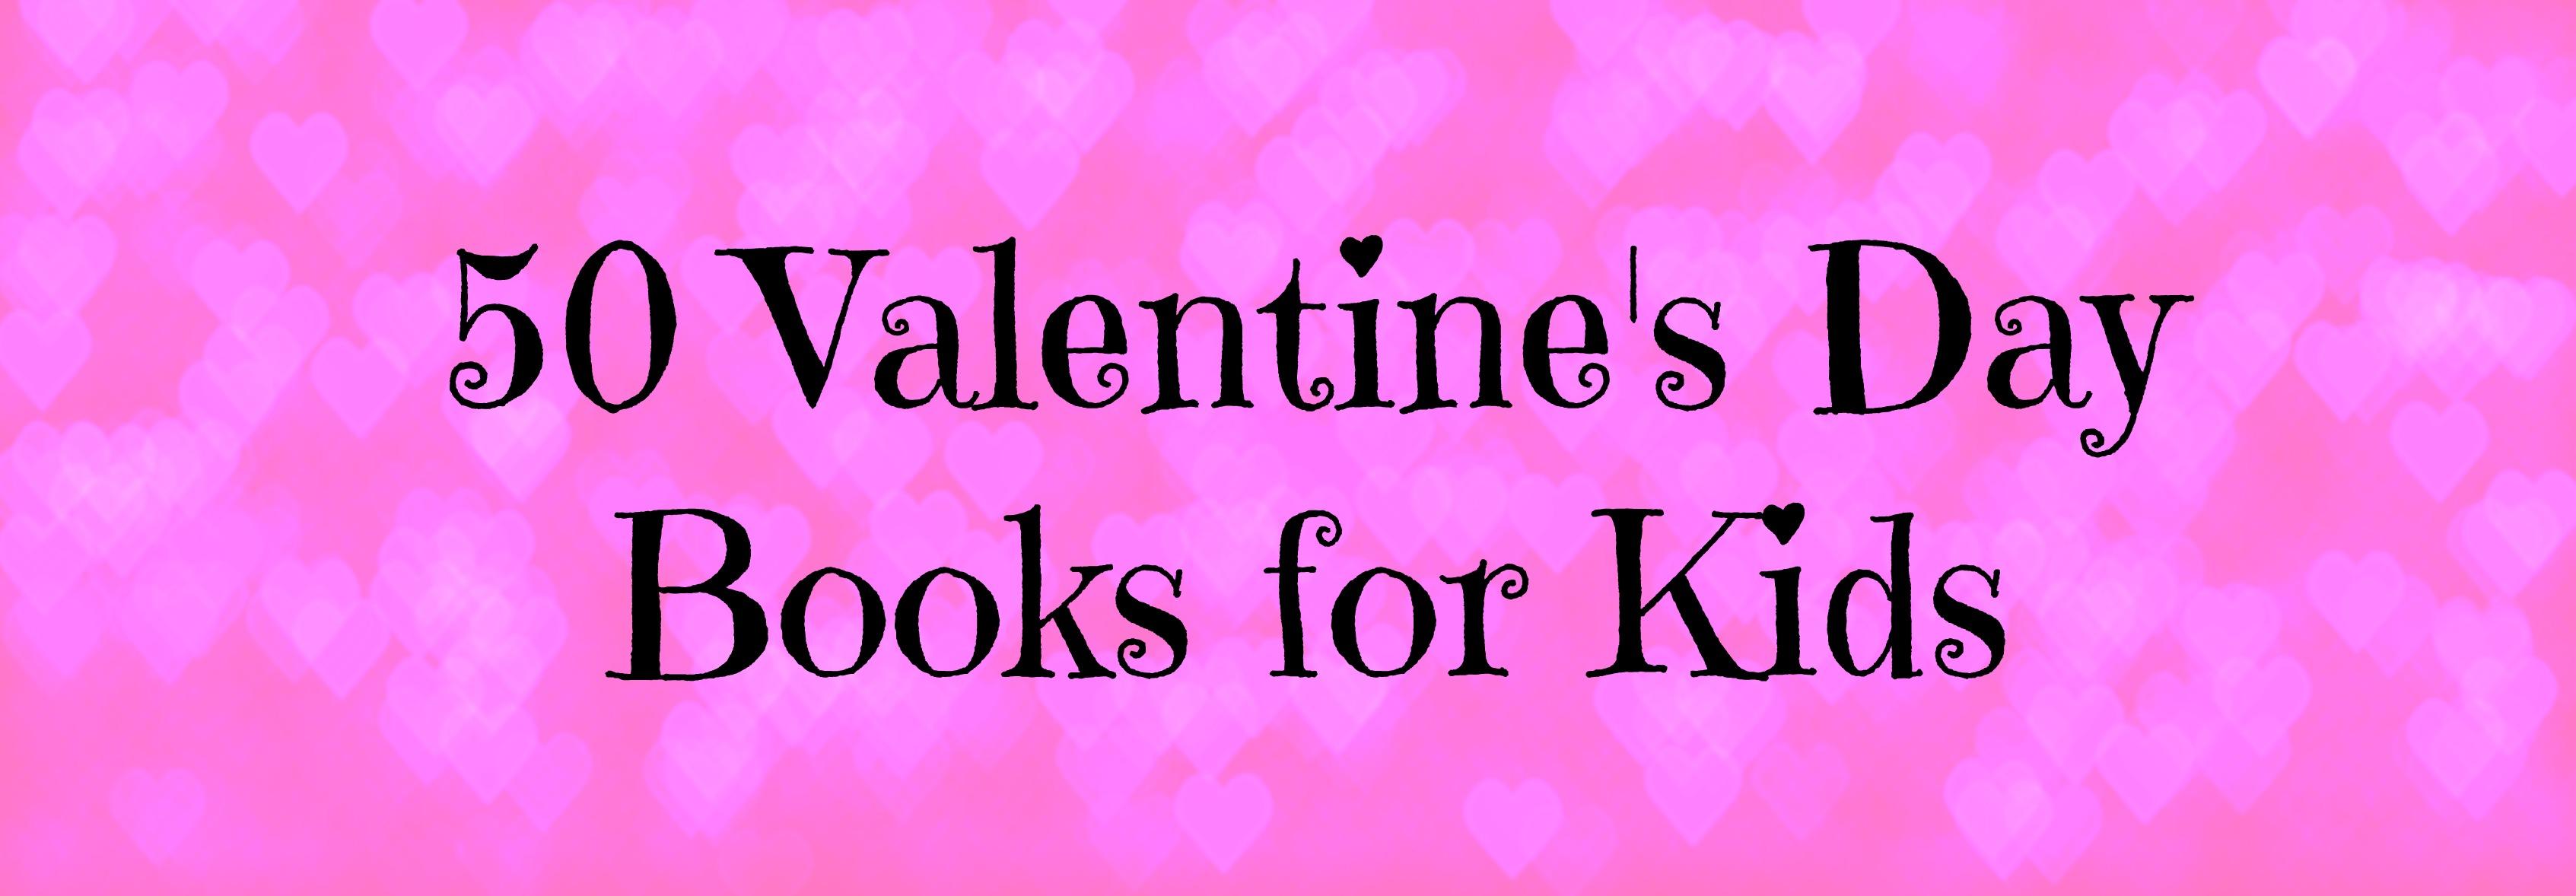 50 Valentine Books